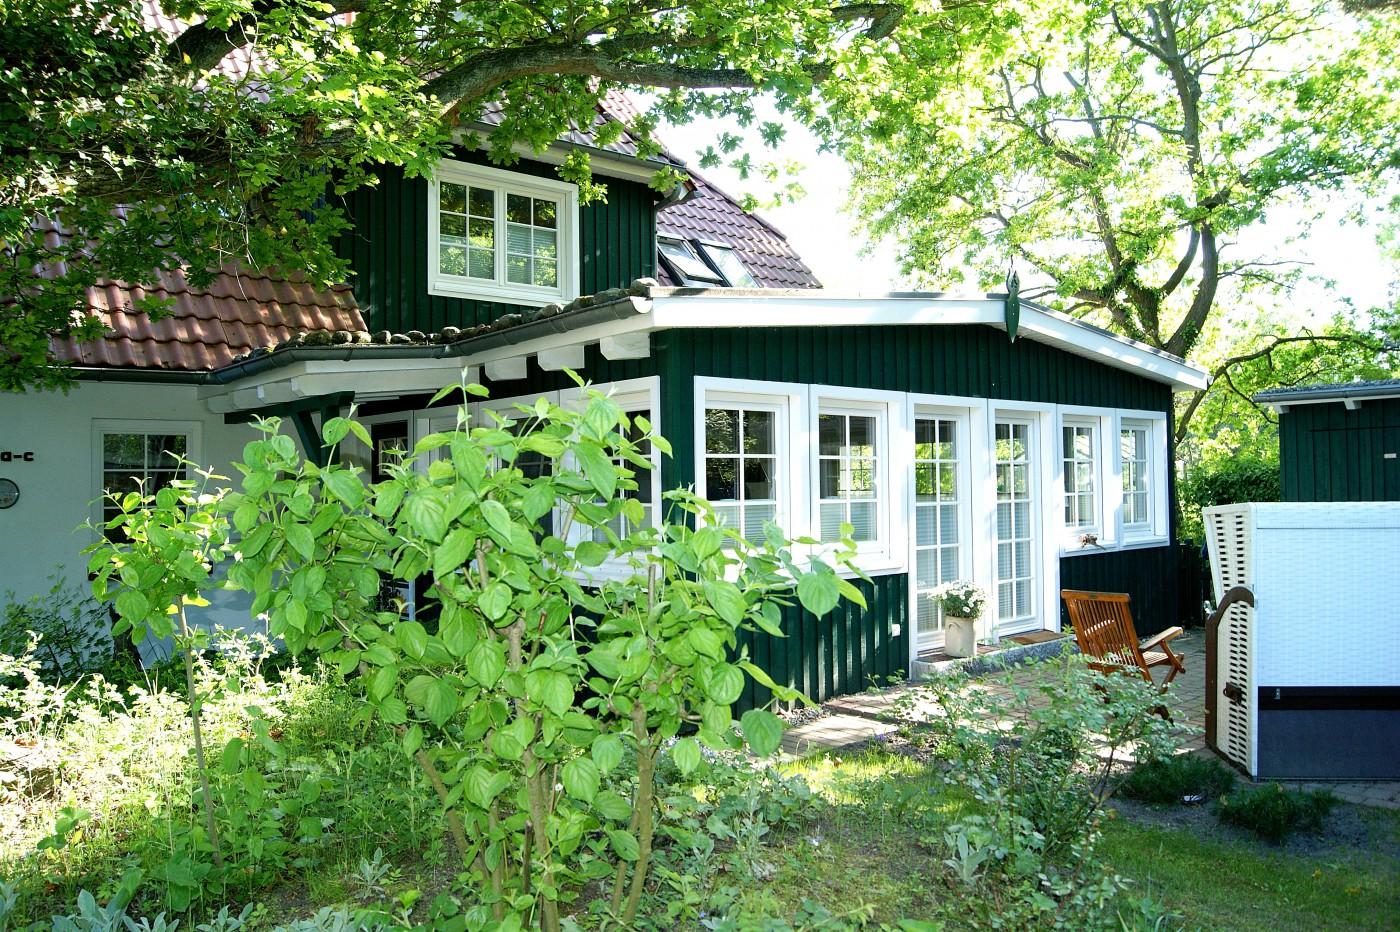 Prerow Ferienwohnung Darß Romantik - Ferienservice Prerow Garten